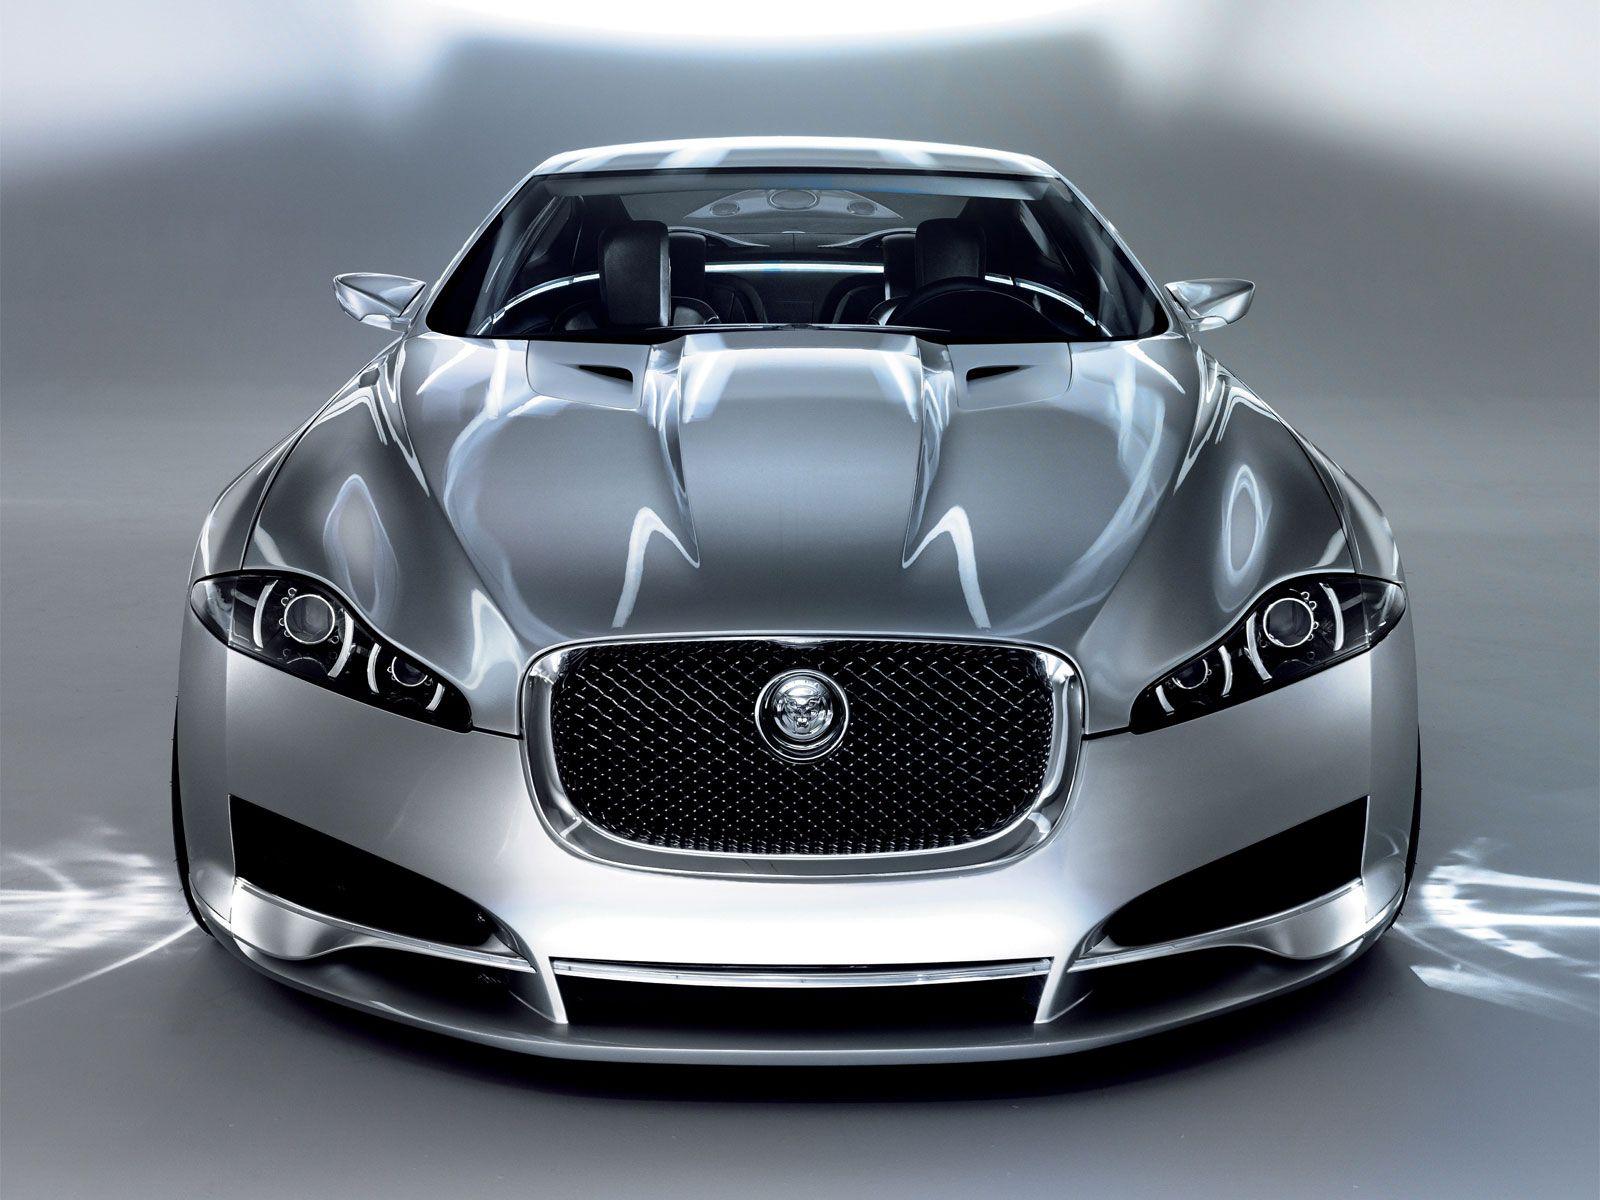 Sports Cars Jaguar Xf 2013 Price Review Features Specs And Information Jaguar Car Jaguar Xf Luxury Car Brands